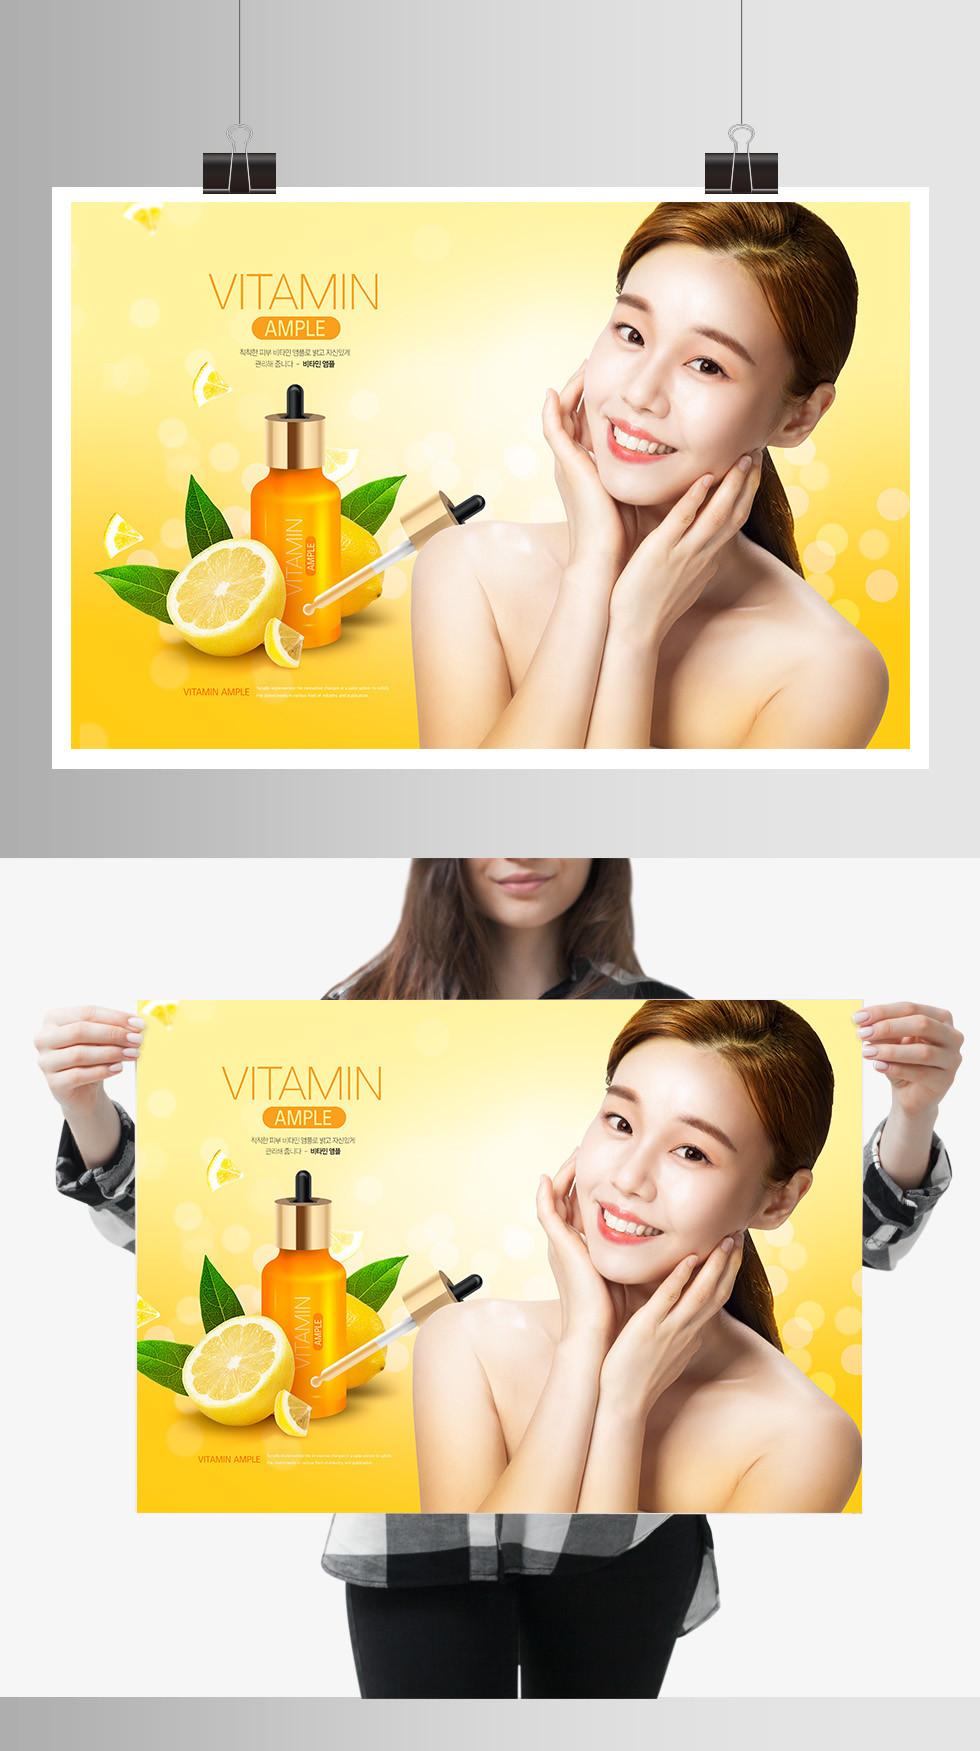 补水保湿化妆品宣传海报模板